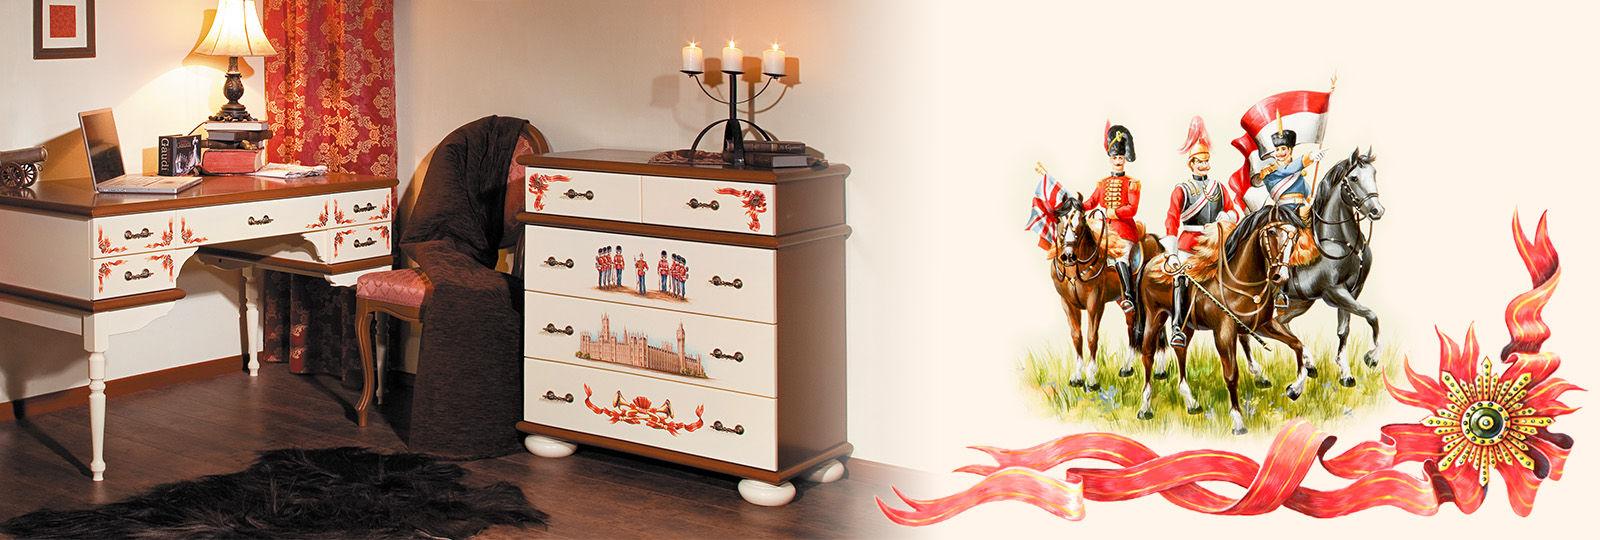 Комоды из дерева с росписью от Woodright для детей любого возраста